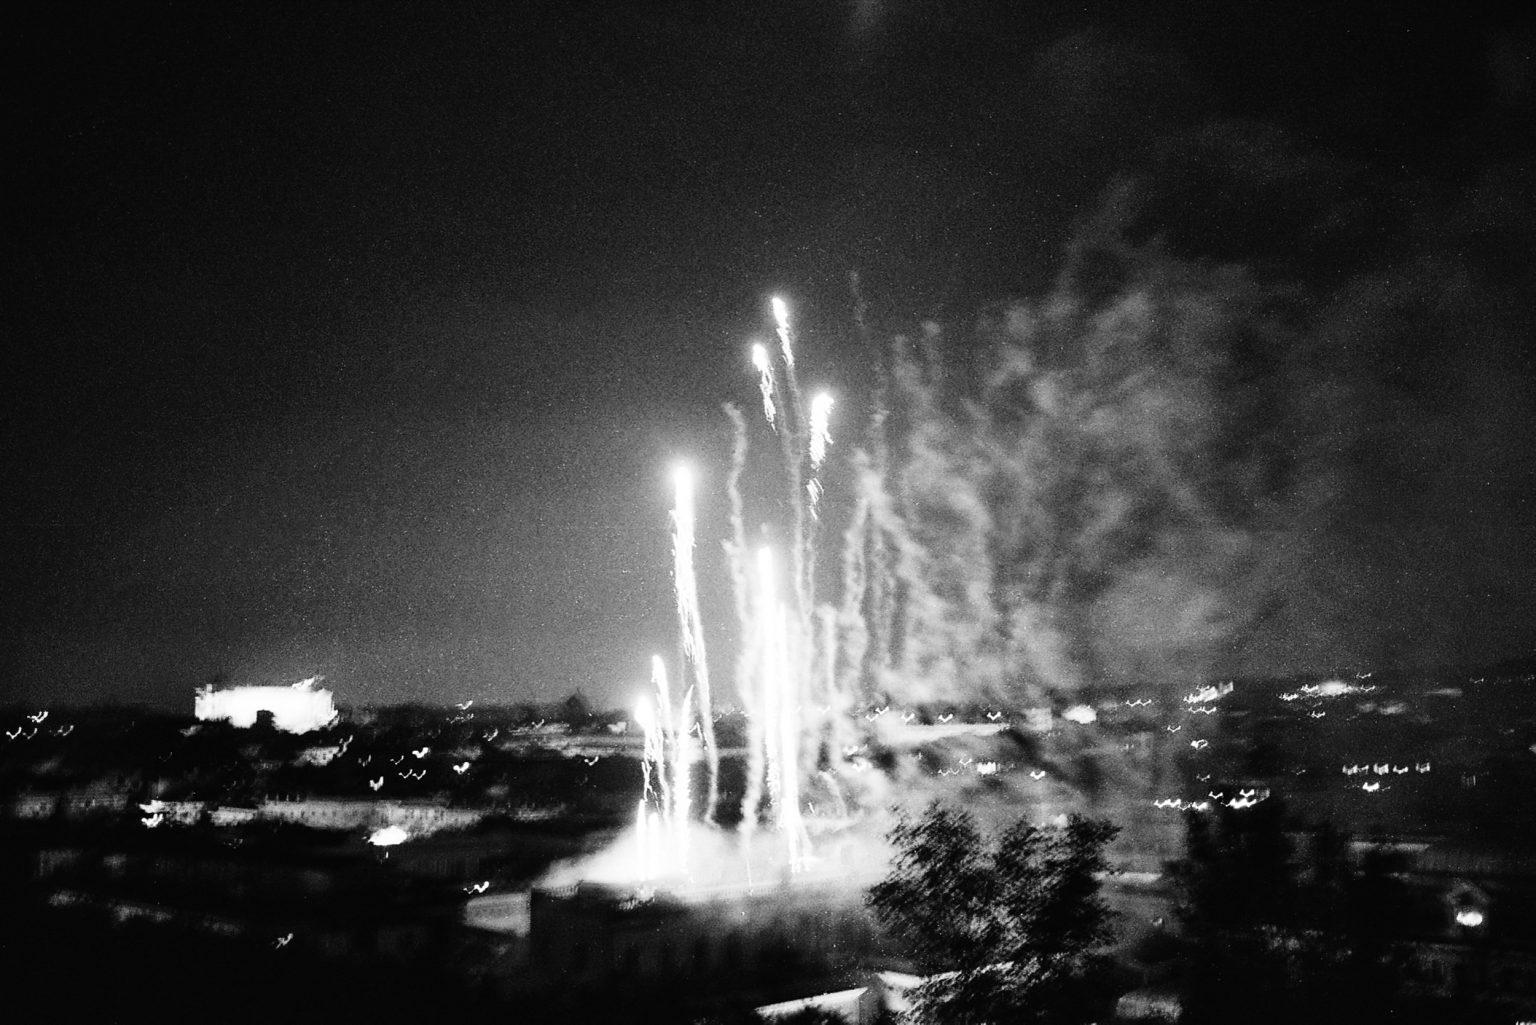 """Rome, 2010- """"Rome Diary"""" ( Rome 2007-2020) is a long-term research that documents the city of Rome through stories of places and people. An investigation into different worlds, in a society where relationships, loneliness, abuse, love, nightlife, music and artists are explored, and finally the relationship between people and the city.Fireworks in the hystorical center. .>< Rome, 2010 -Rome Diary Rome (2007-2020) è una ricerca a lungo termine che documenta la città di Roma attraverso storie di luoghi e  di persone. Un'indagine in mondi diversi, in una società in cui si esplorano le relazioni, la solitudine, gli abusi, l'amore, la vita notturna , la musica e gli artisti, ed infine il rapporto tra persone e città. Fuochi d'artificio nel centro storico."""